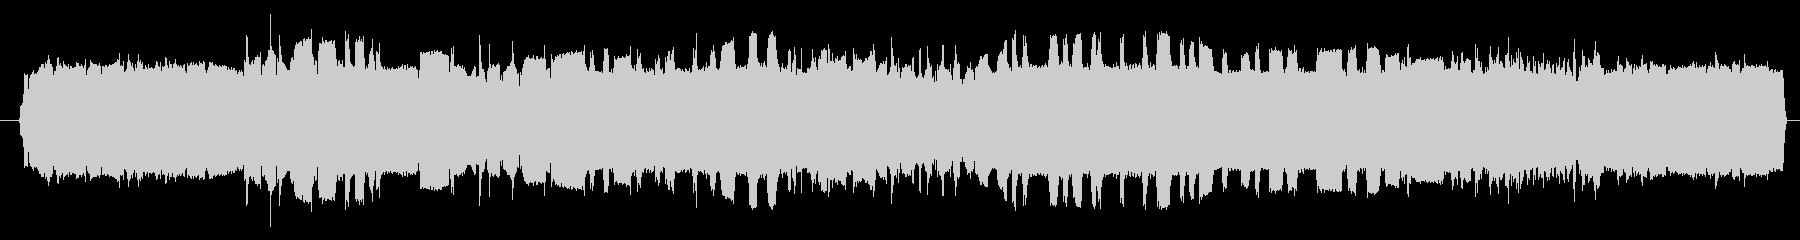 ノイズ デジタルエラー01の未再生の波形